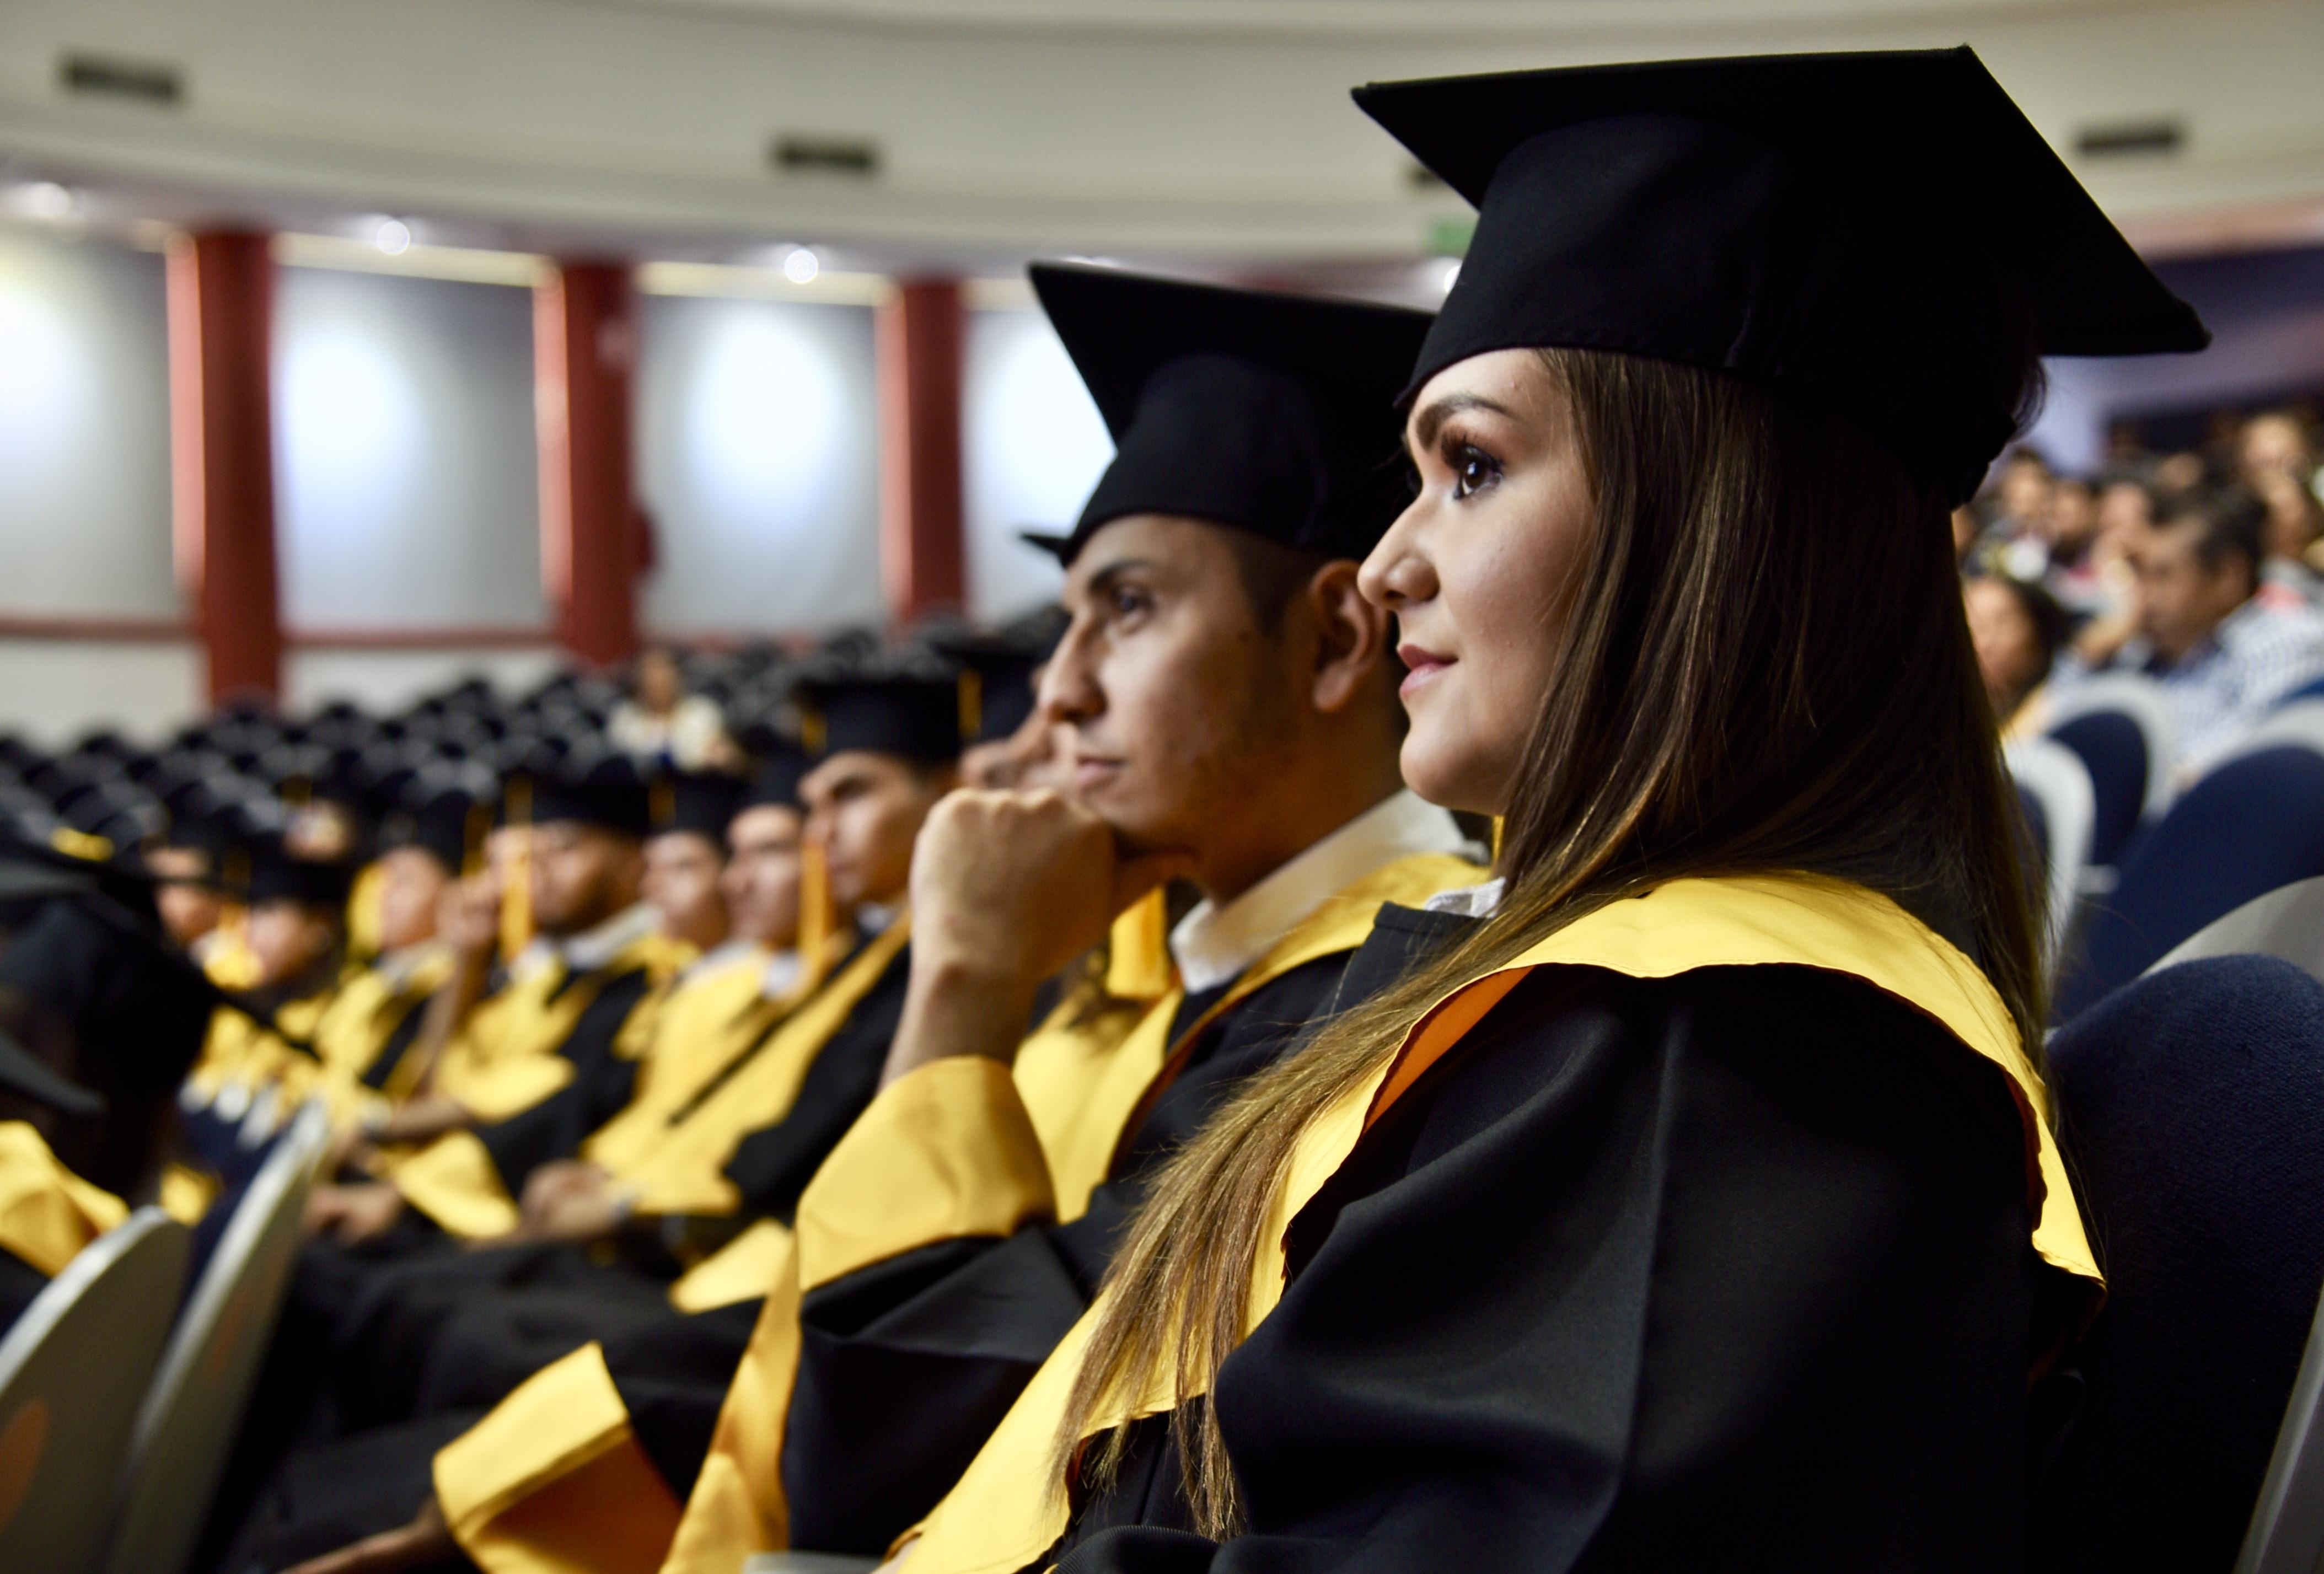 Graduados en el auditorio escuchando mensajes